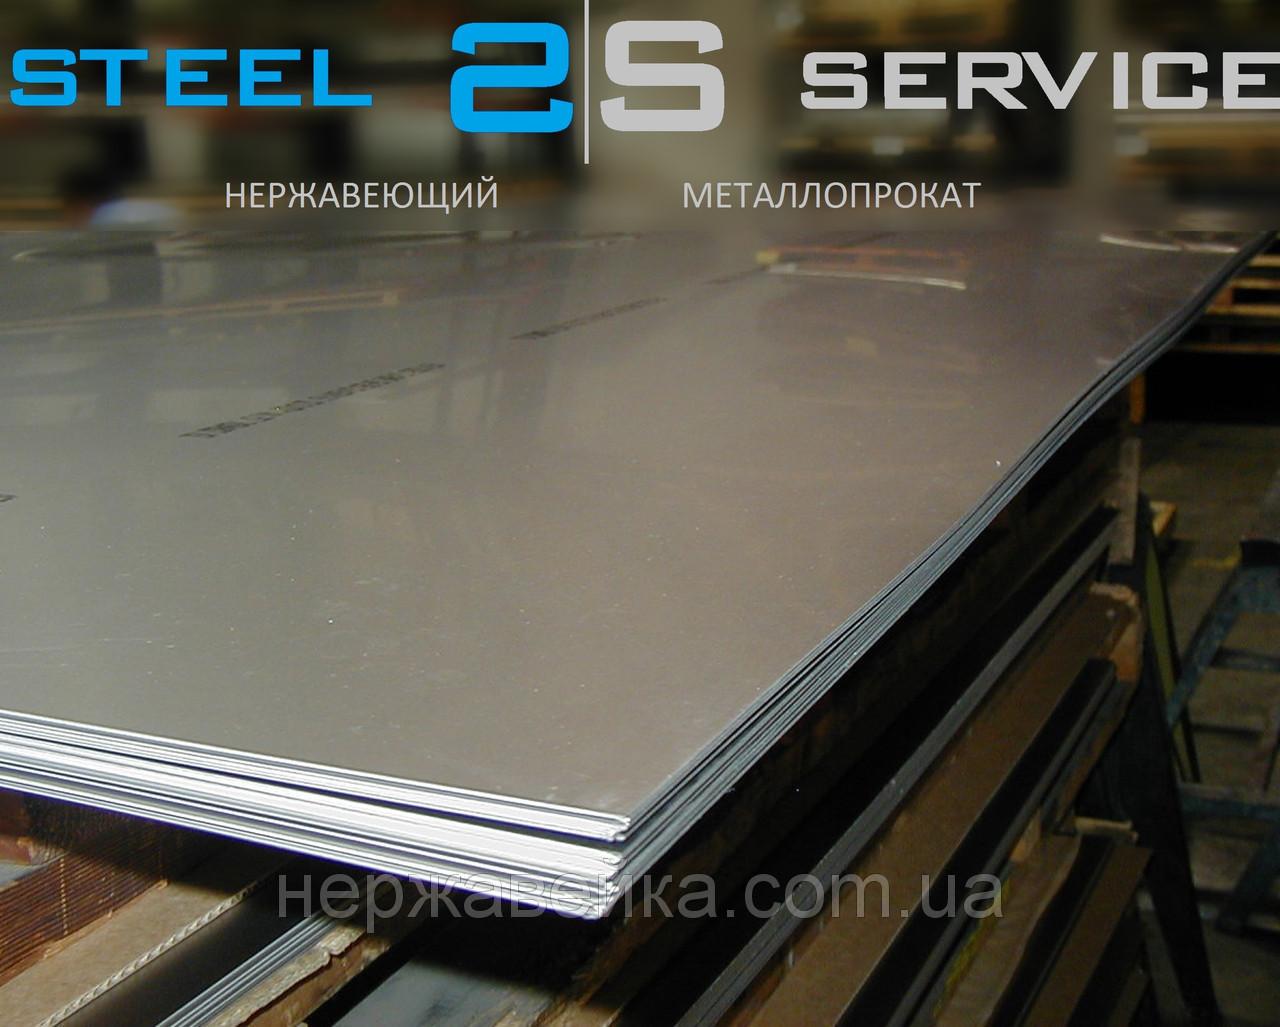 Нержавейка лист 12х1250х2500мм  AISI 309(20Х23Н13, 20Х20Н14С2) F1 - горячекатанный,  жаропрочный